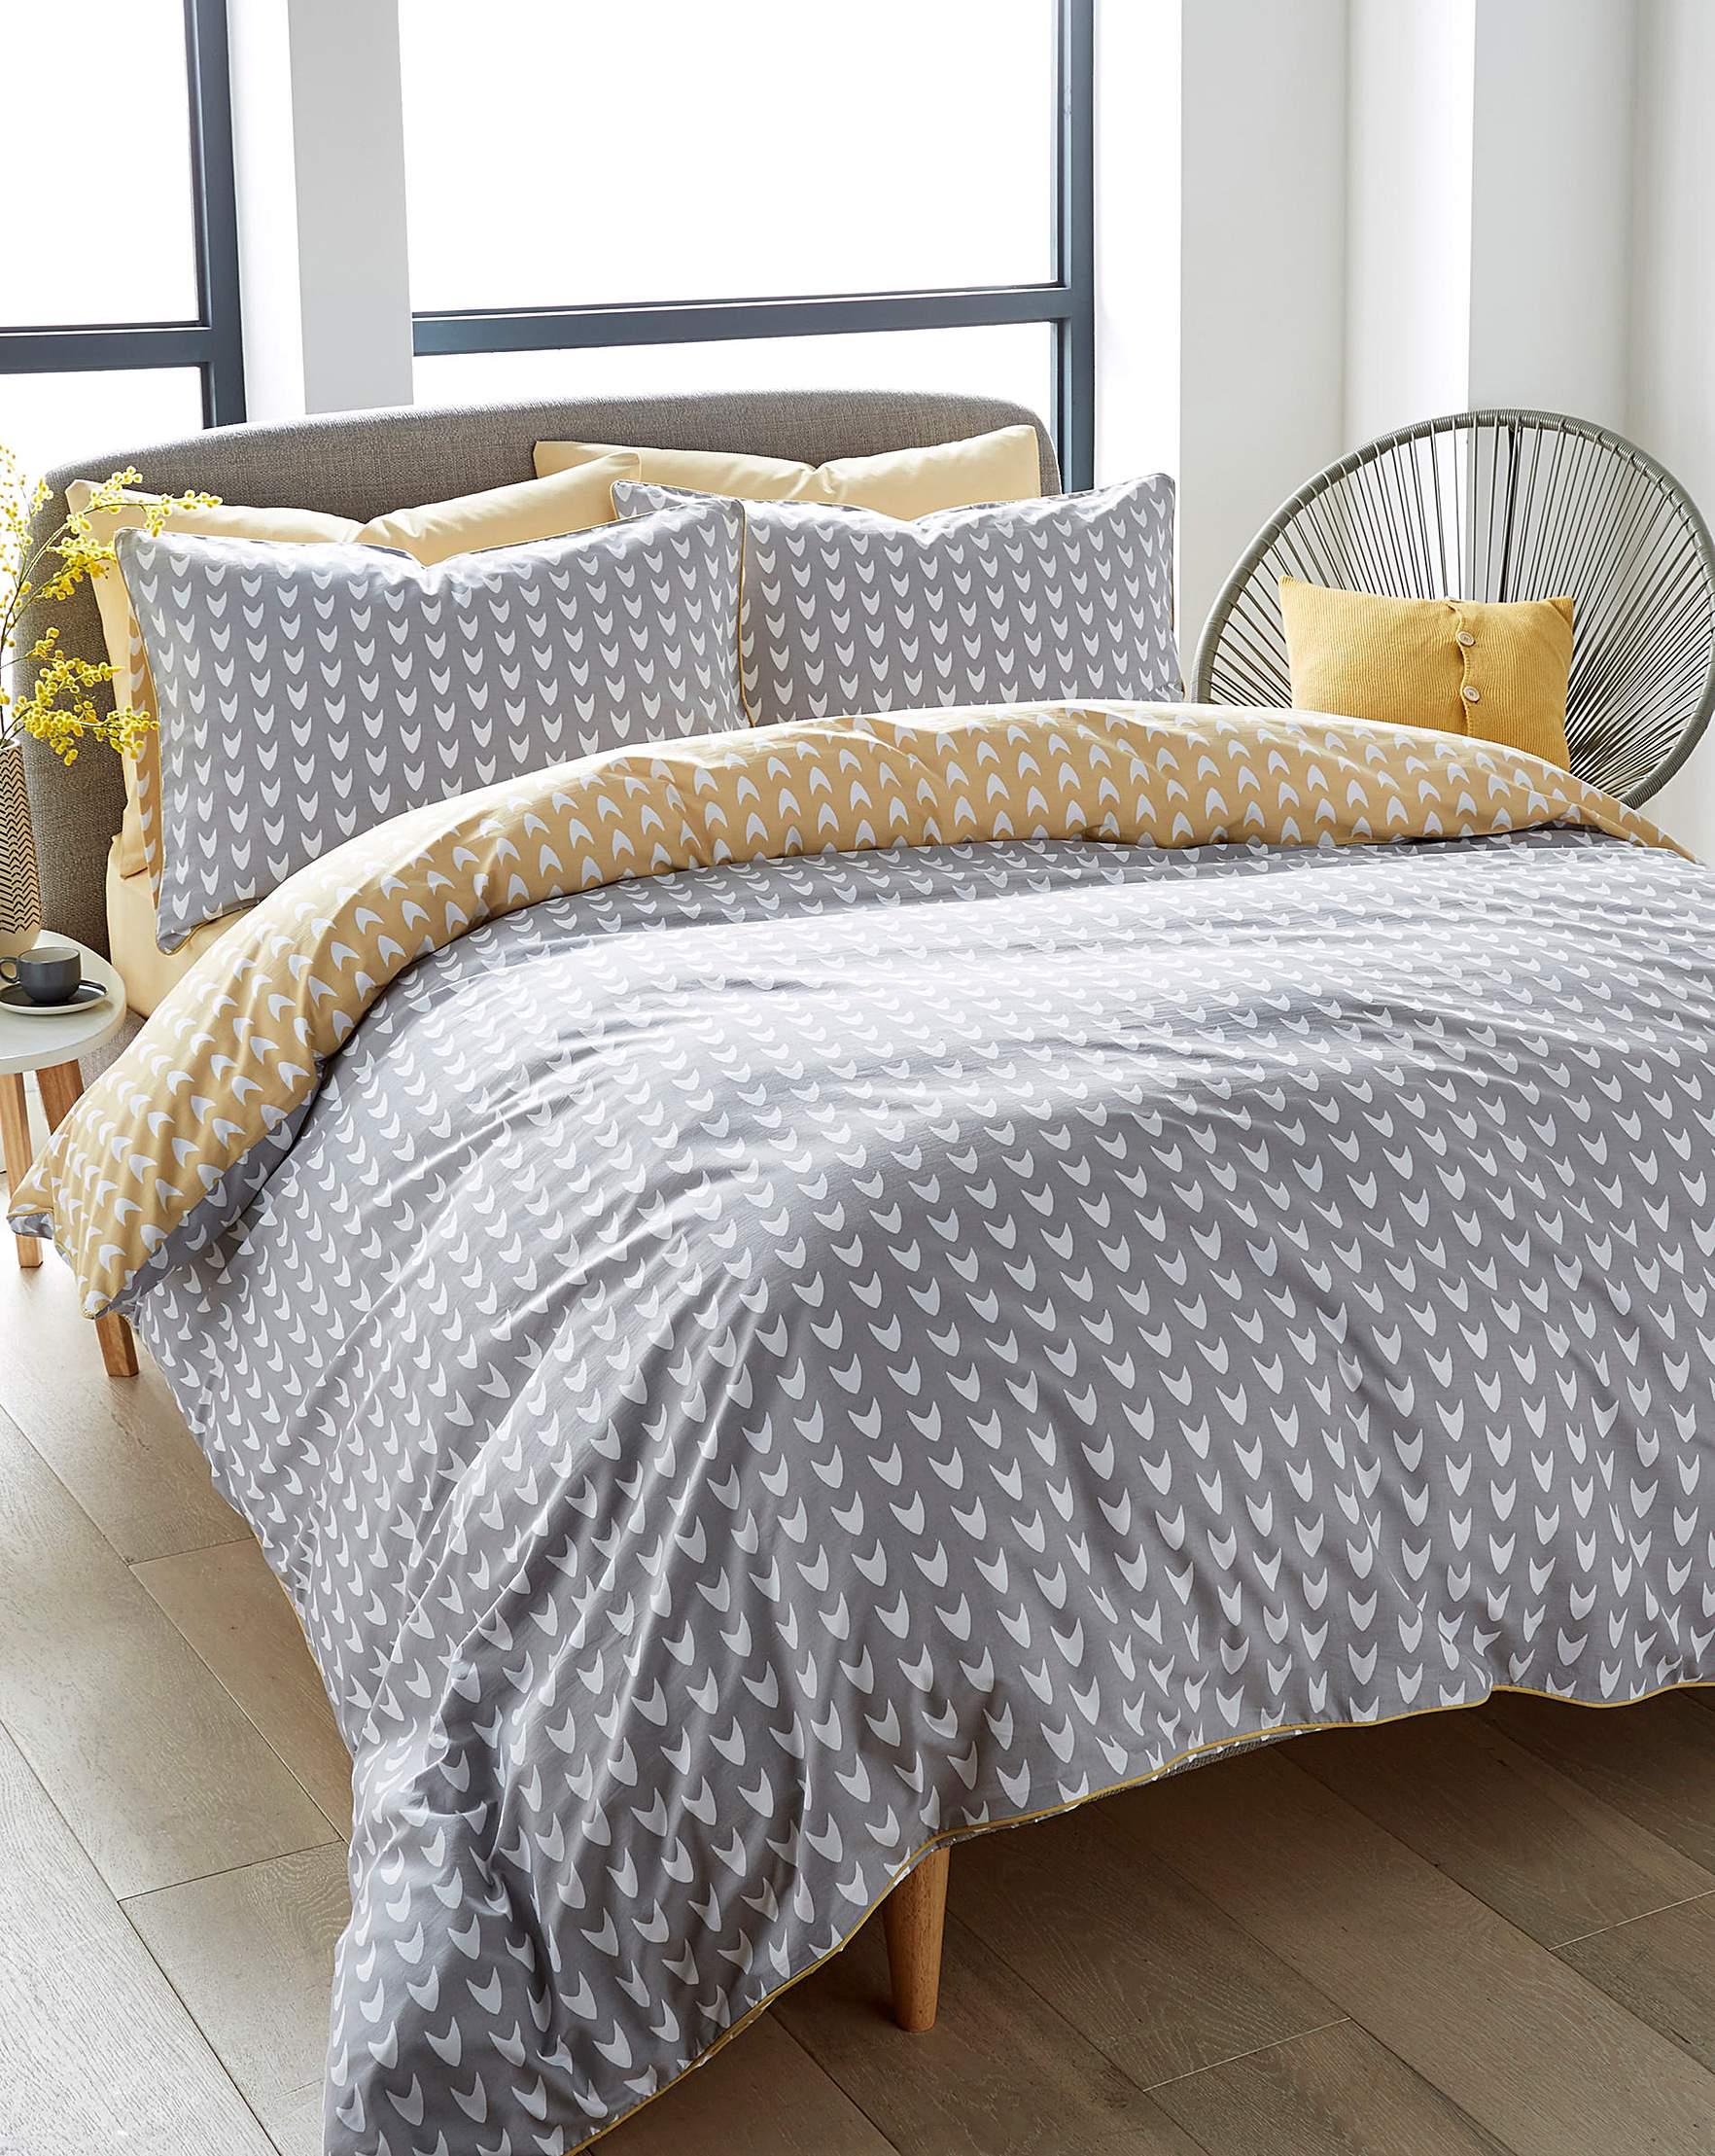 covers modern nordstrom pillow shams yellow c duvet